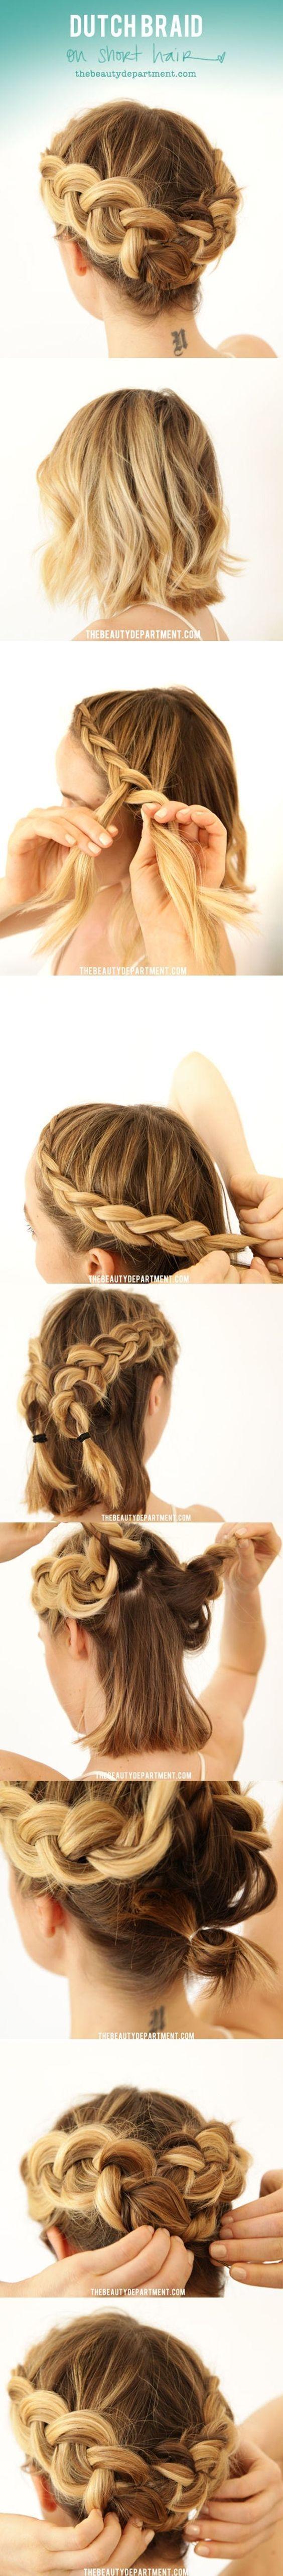 15 Hair Tutorials zum Valentinstag #hairtutorials